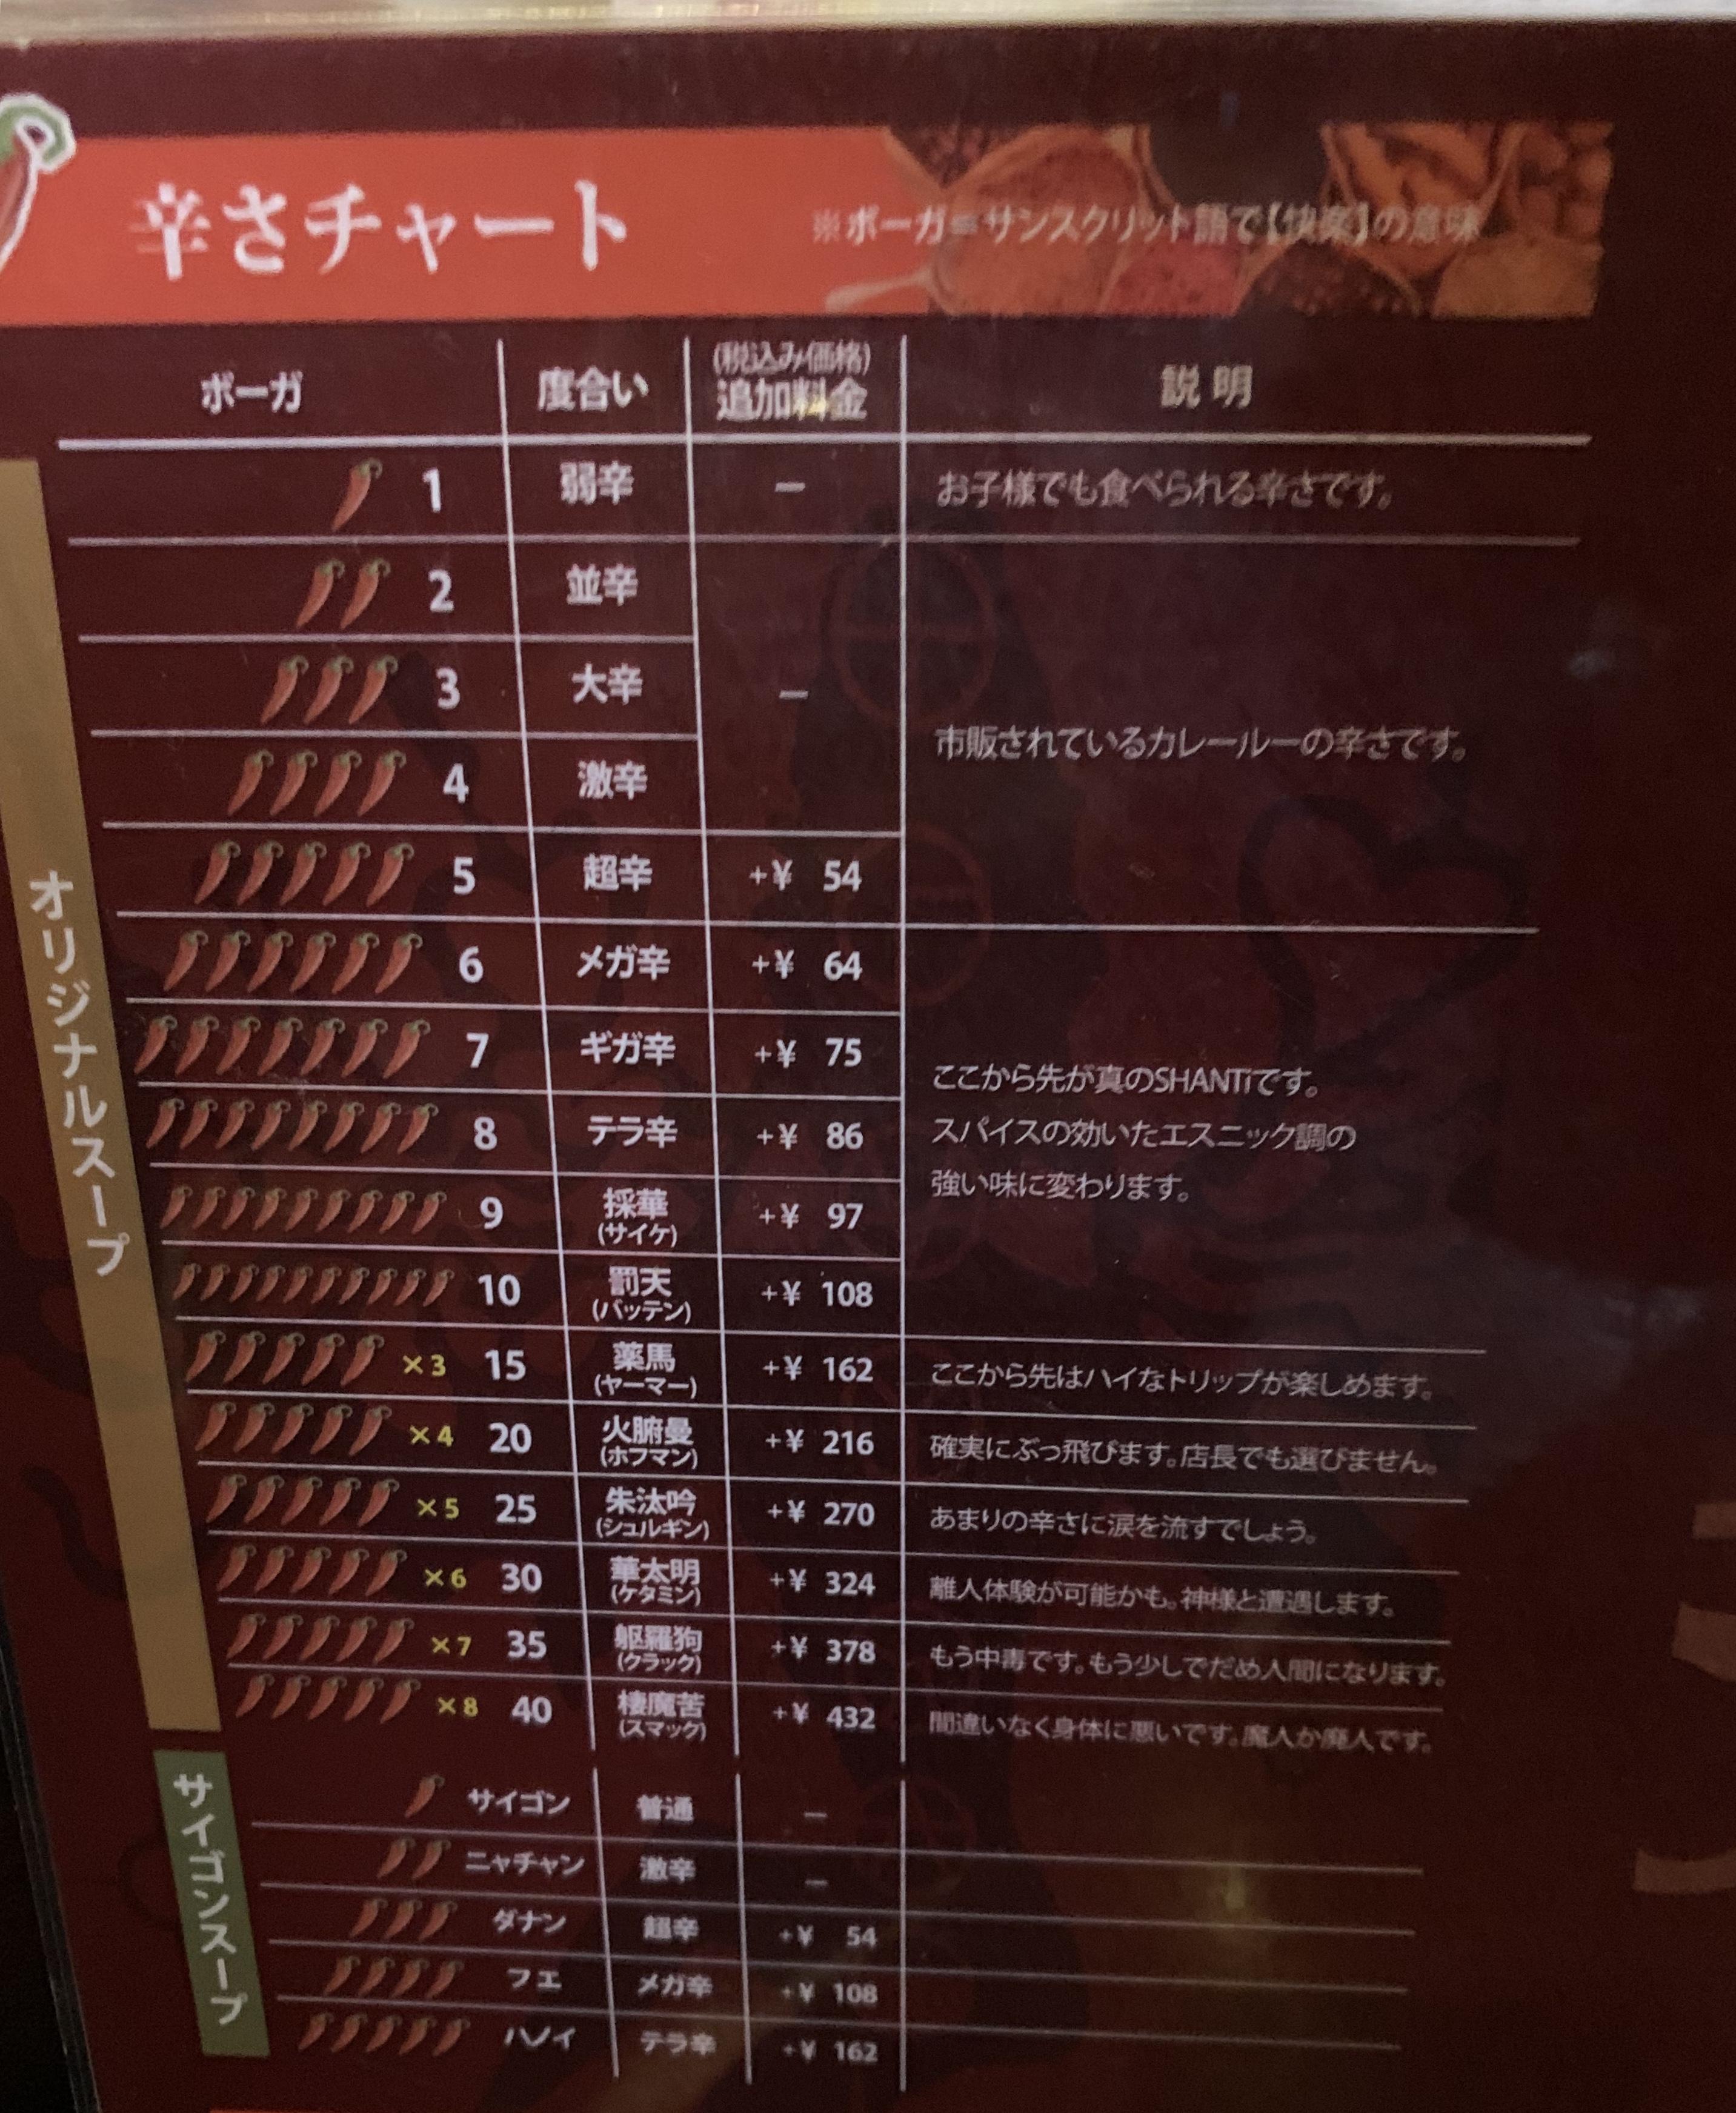 シャンティ(SHANTi)渋谷店の辛さ表